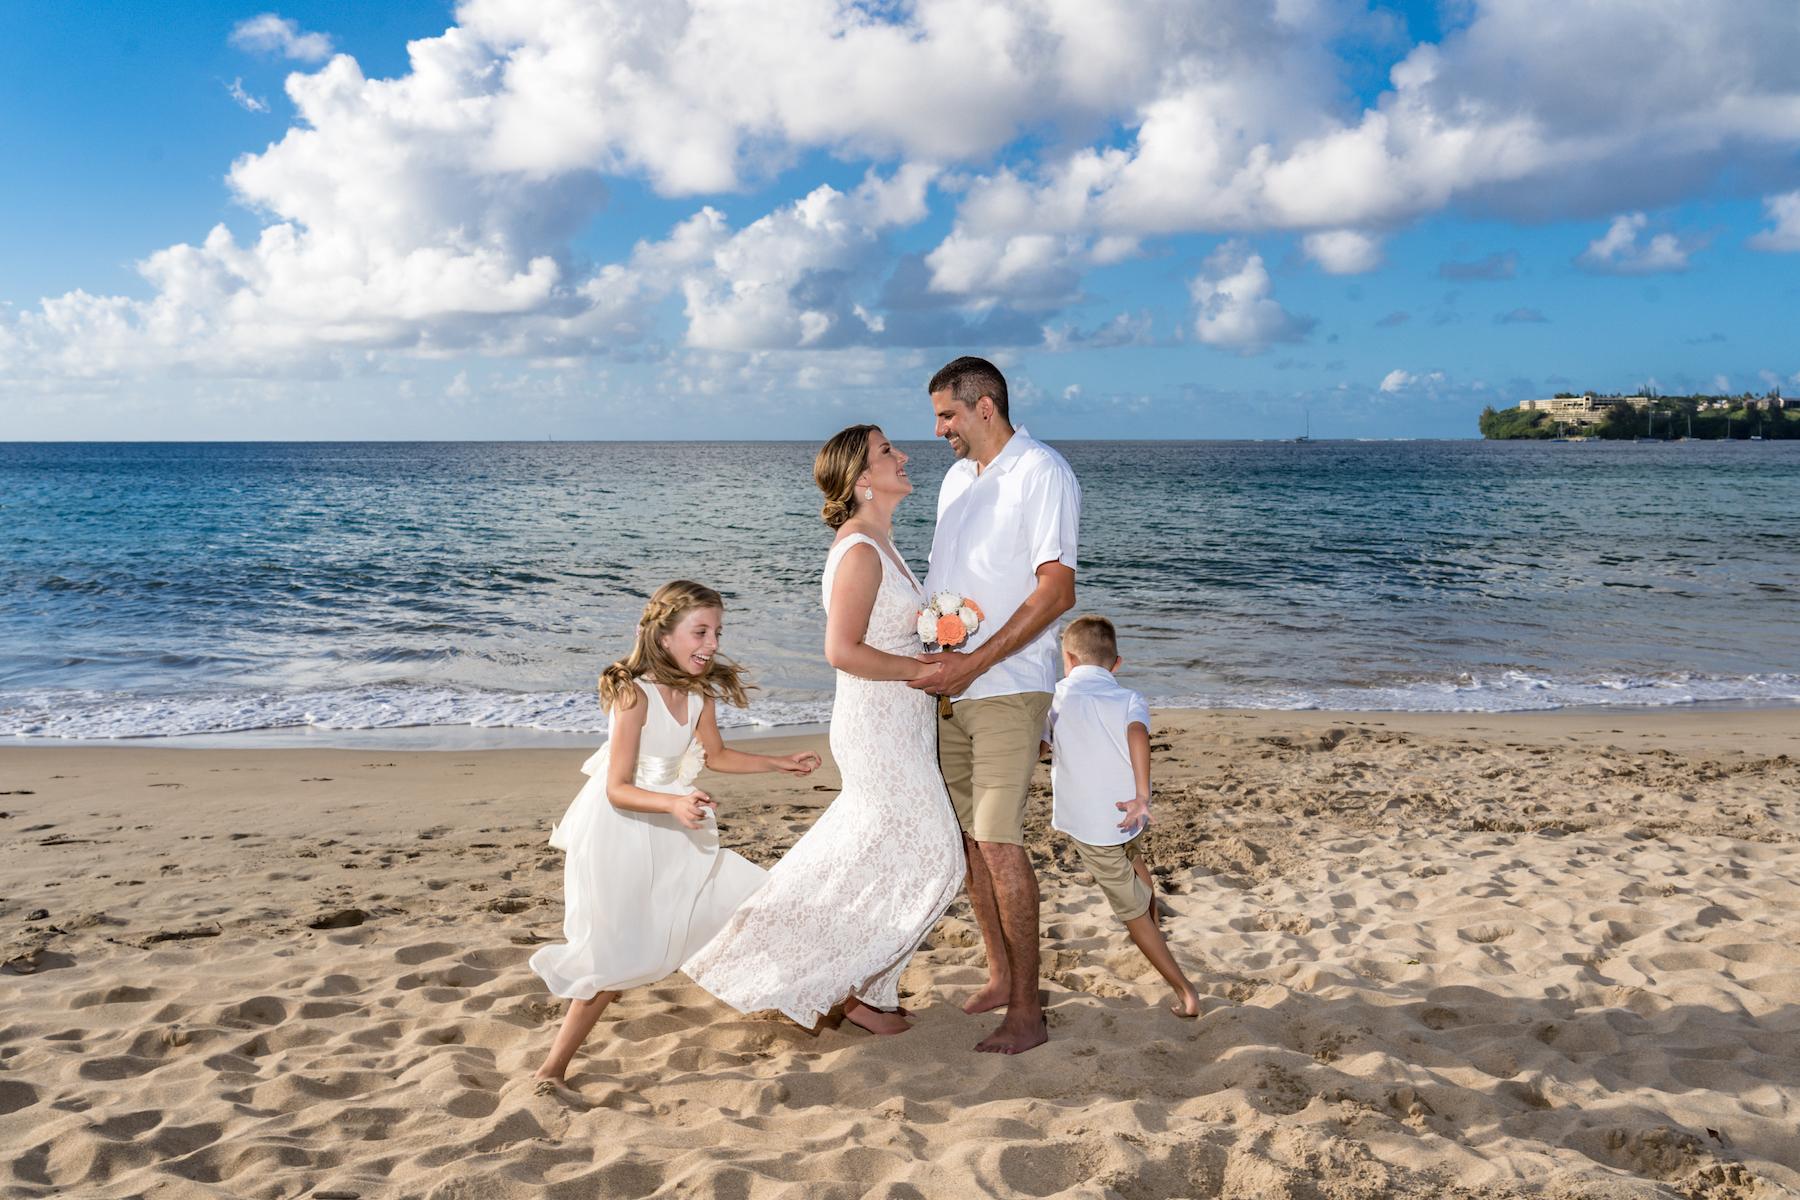 Renew Your Vows on Kauai